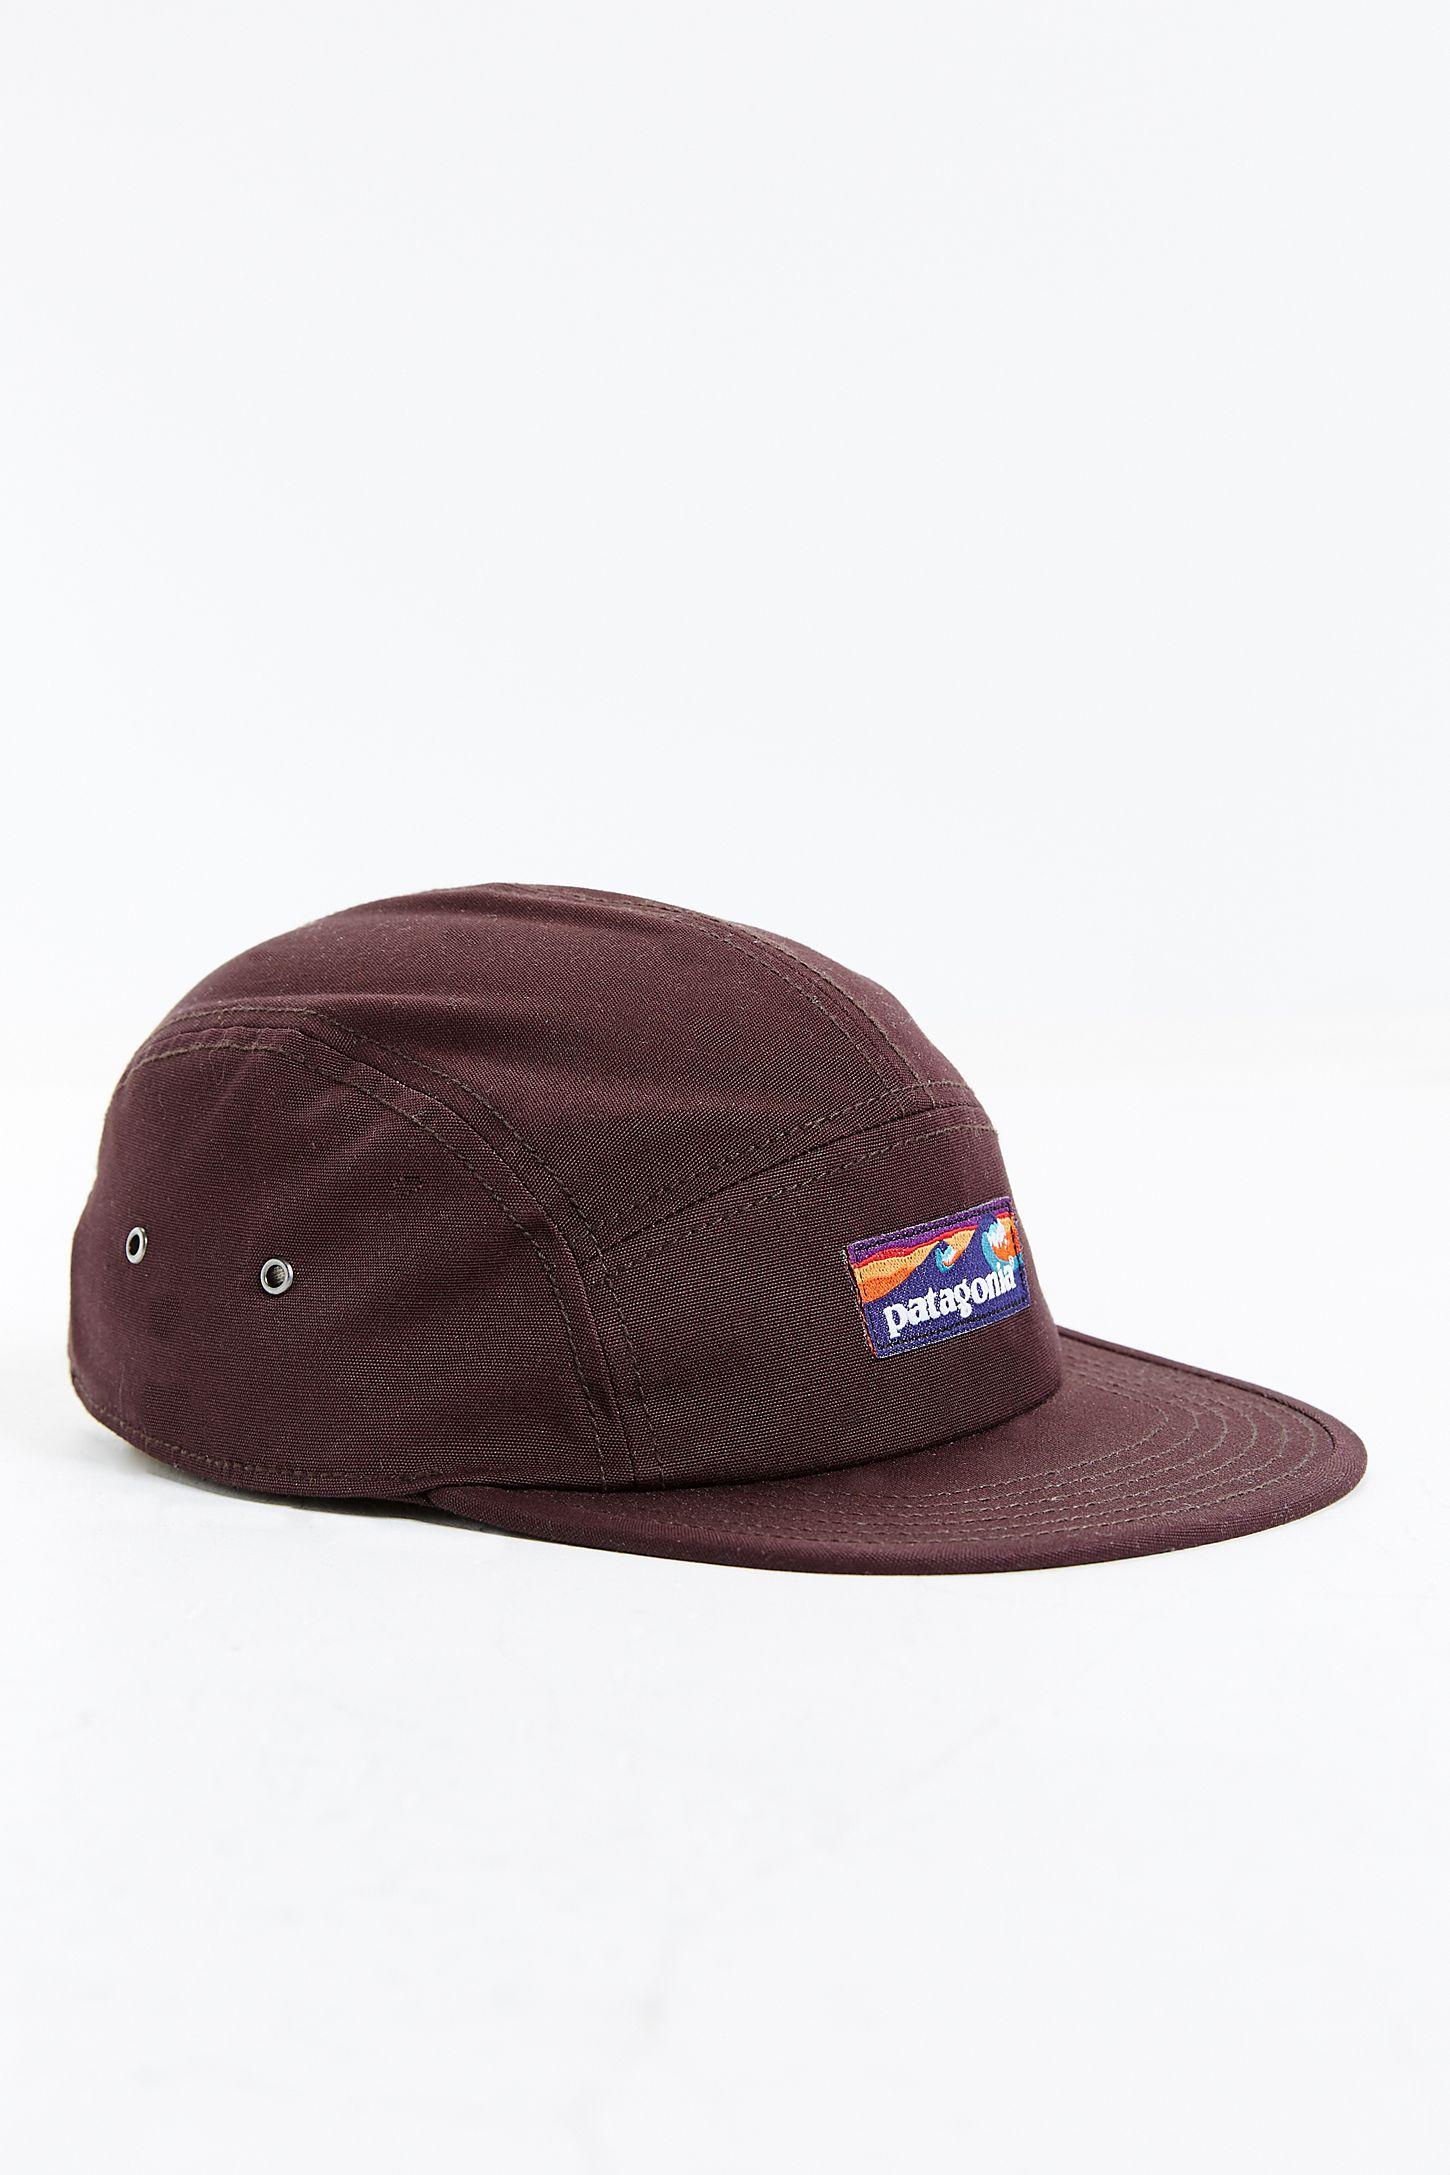 Patagonia Boardshort Label Tradesmith Hat  2f4ea011952